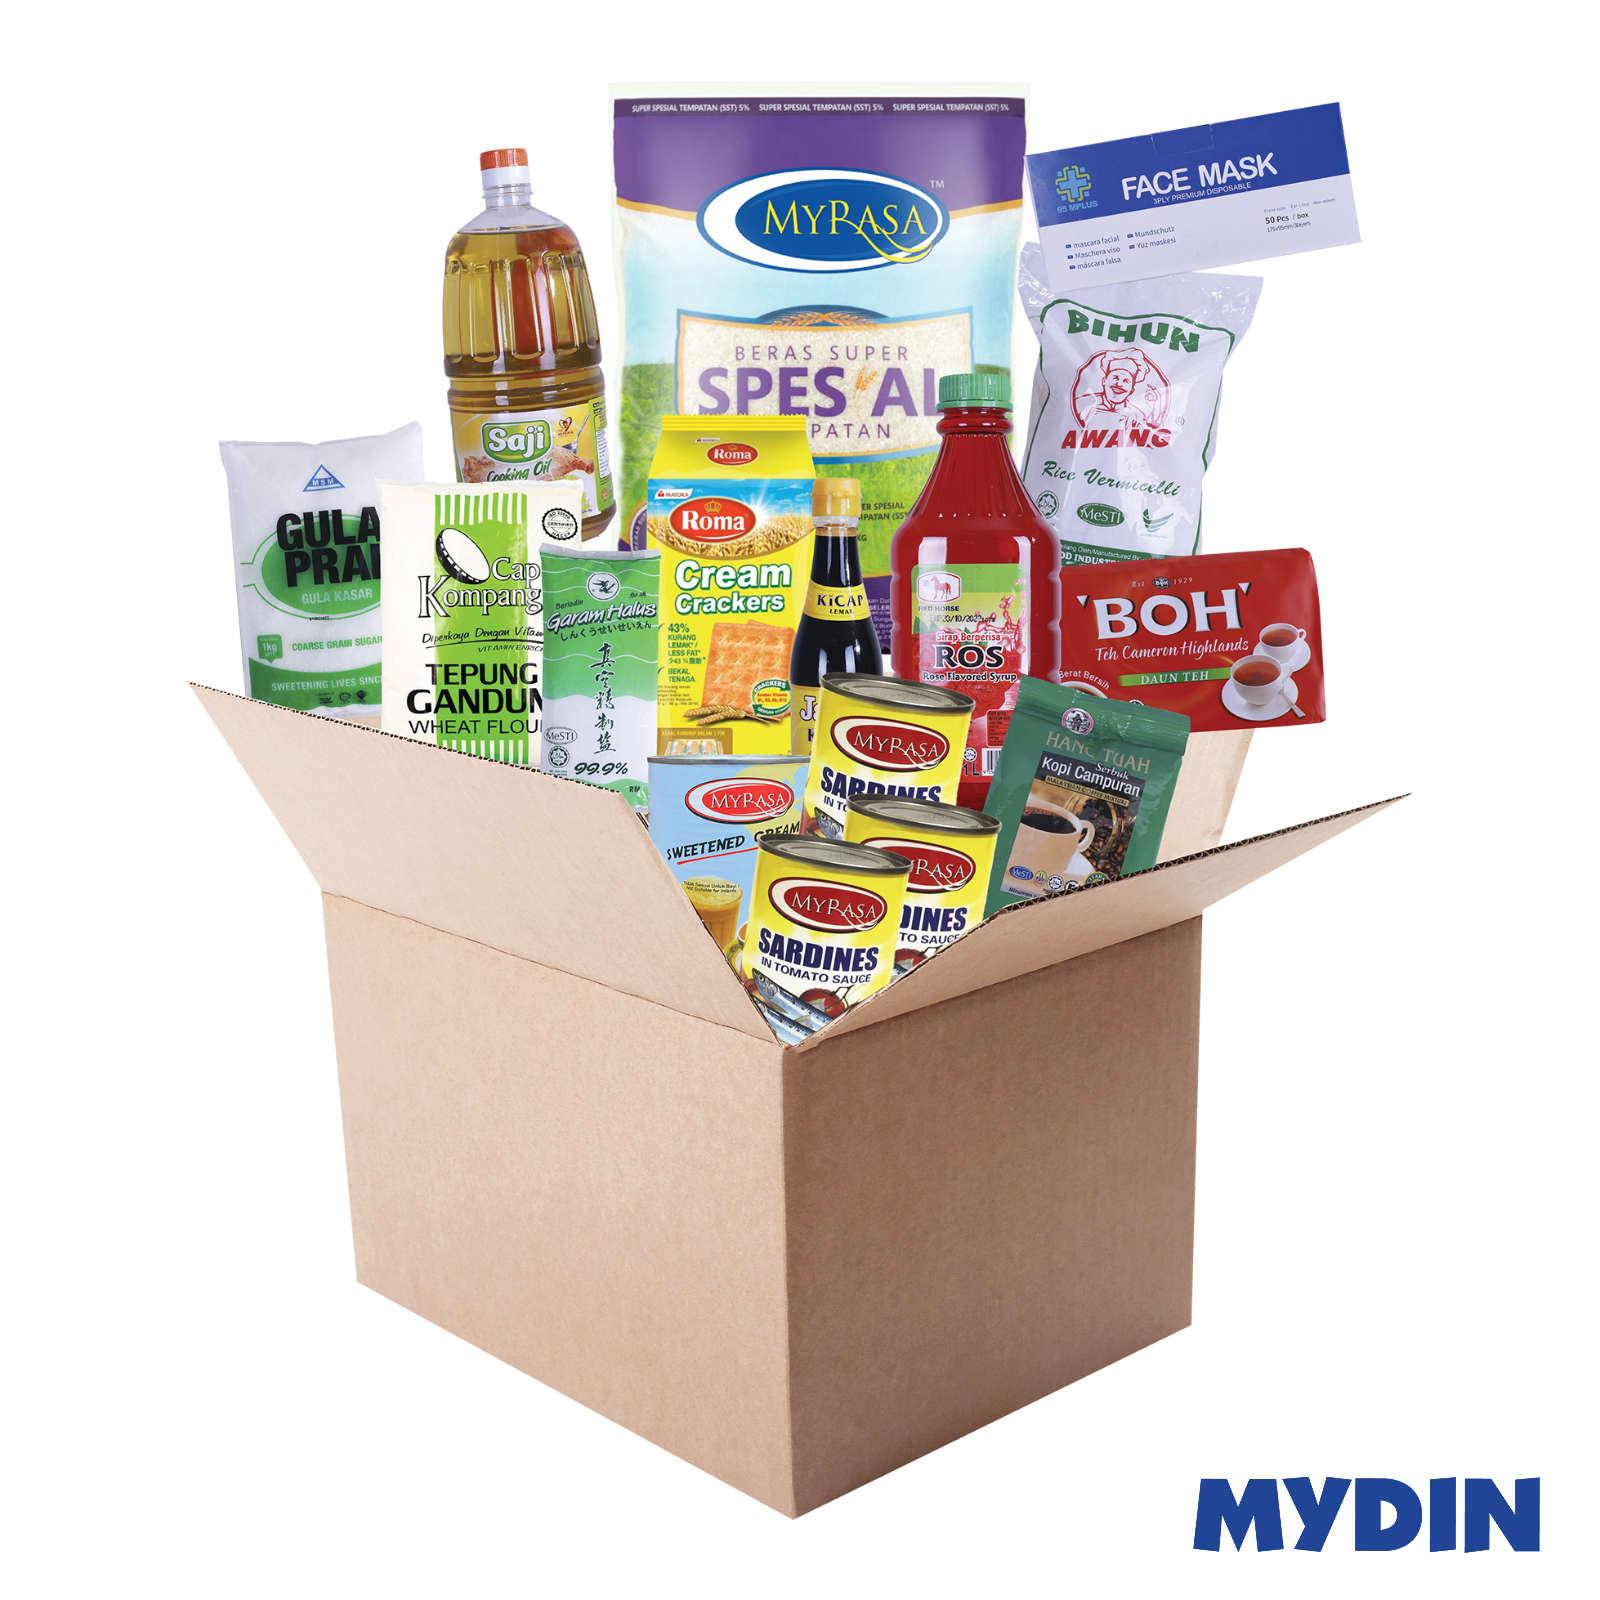 Lindungi Diri Box Combo (14 items)